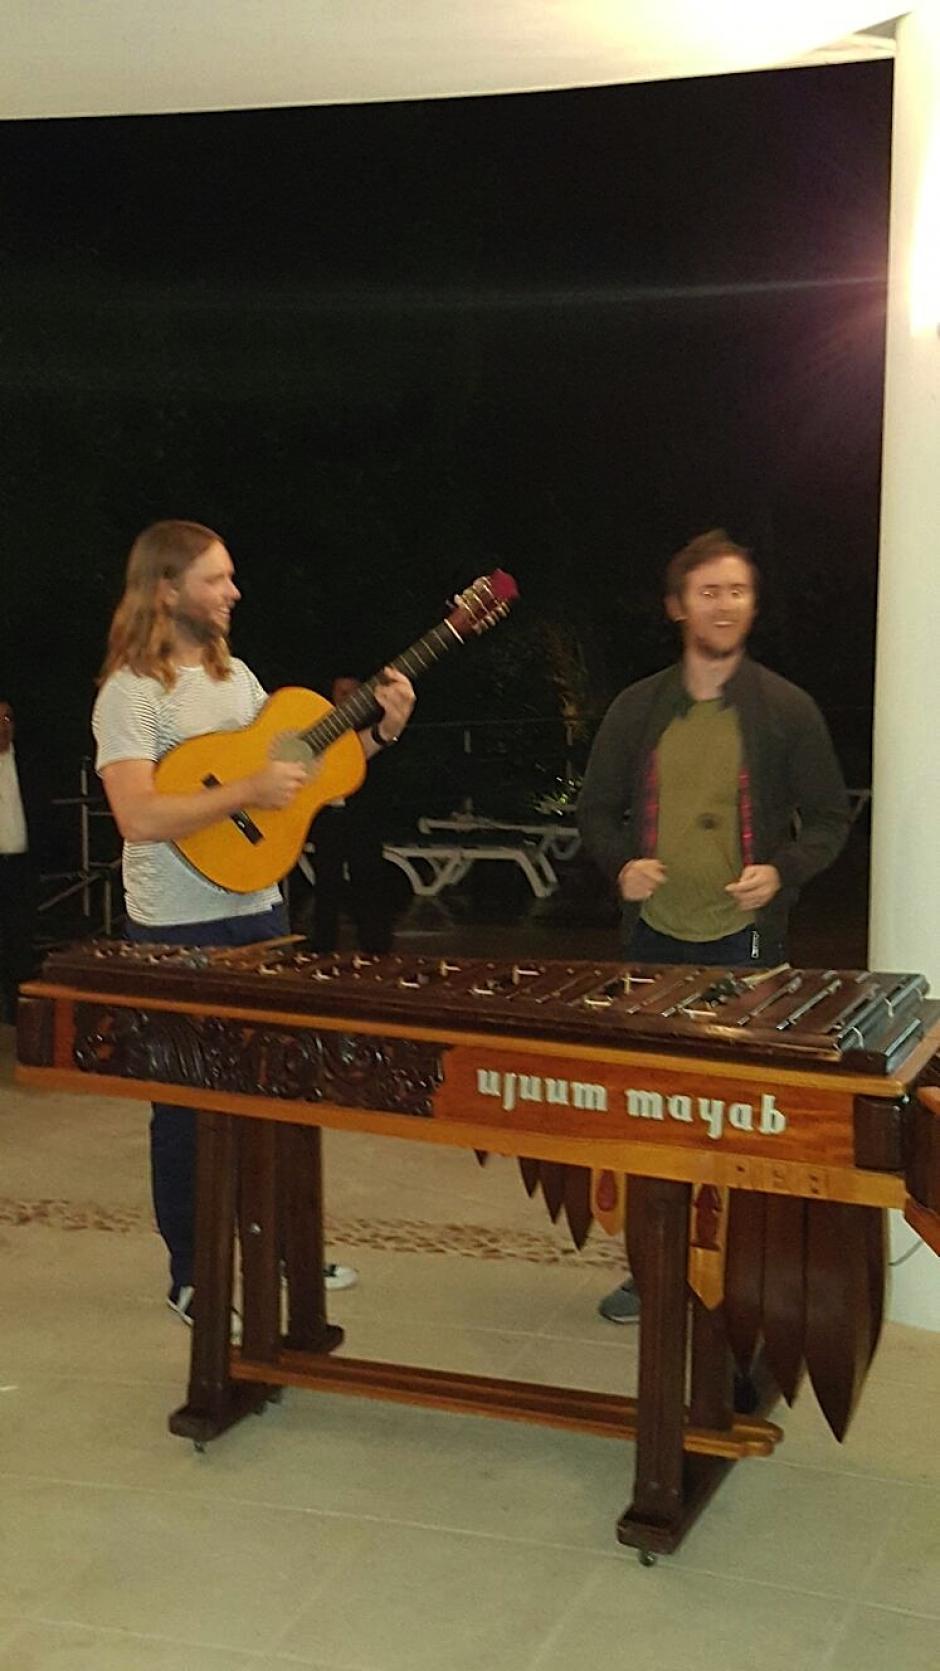 Los músicos disfrutaron un momento conociendo la marimba en el hotel Bolontiku, donde se hospedaron. (Foto: Soy502)